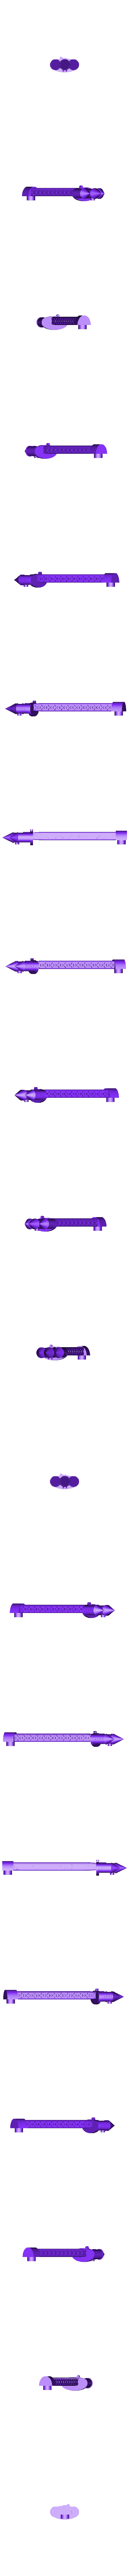 weirdboy_tower.stl Télécharger fichier STL gratuit Ork Mega Gargant Epic 40k proxy model 6mm Titanicus • Modèle pour imprimante 3D, redstarkits